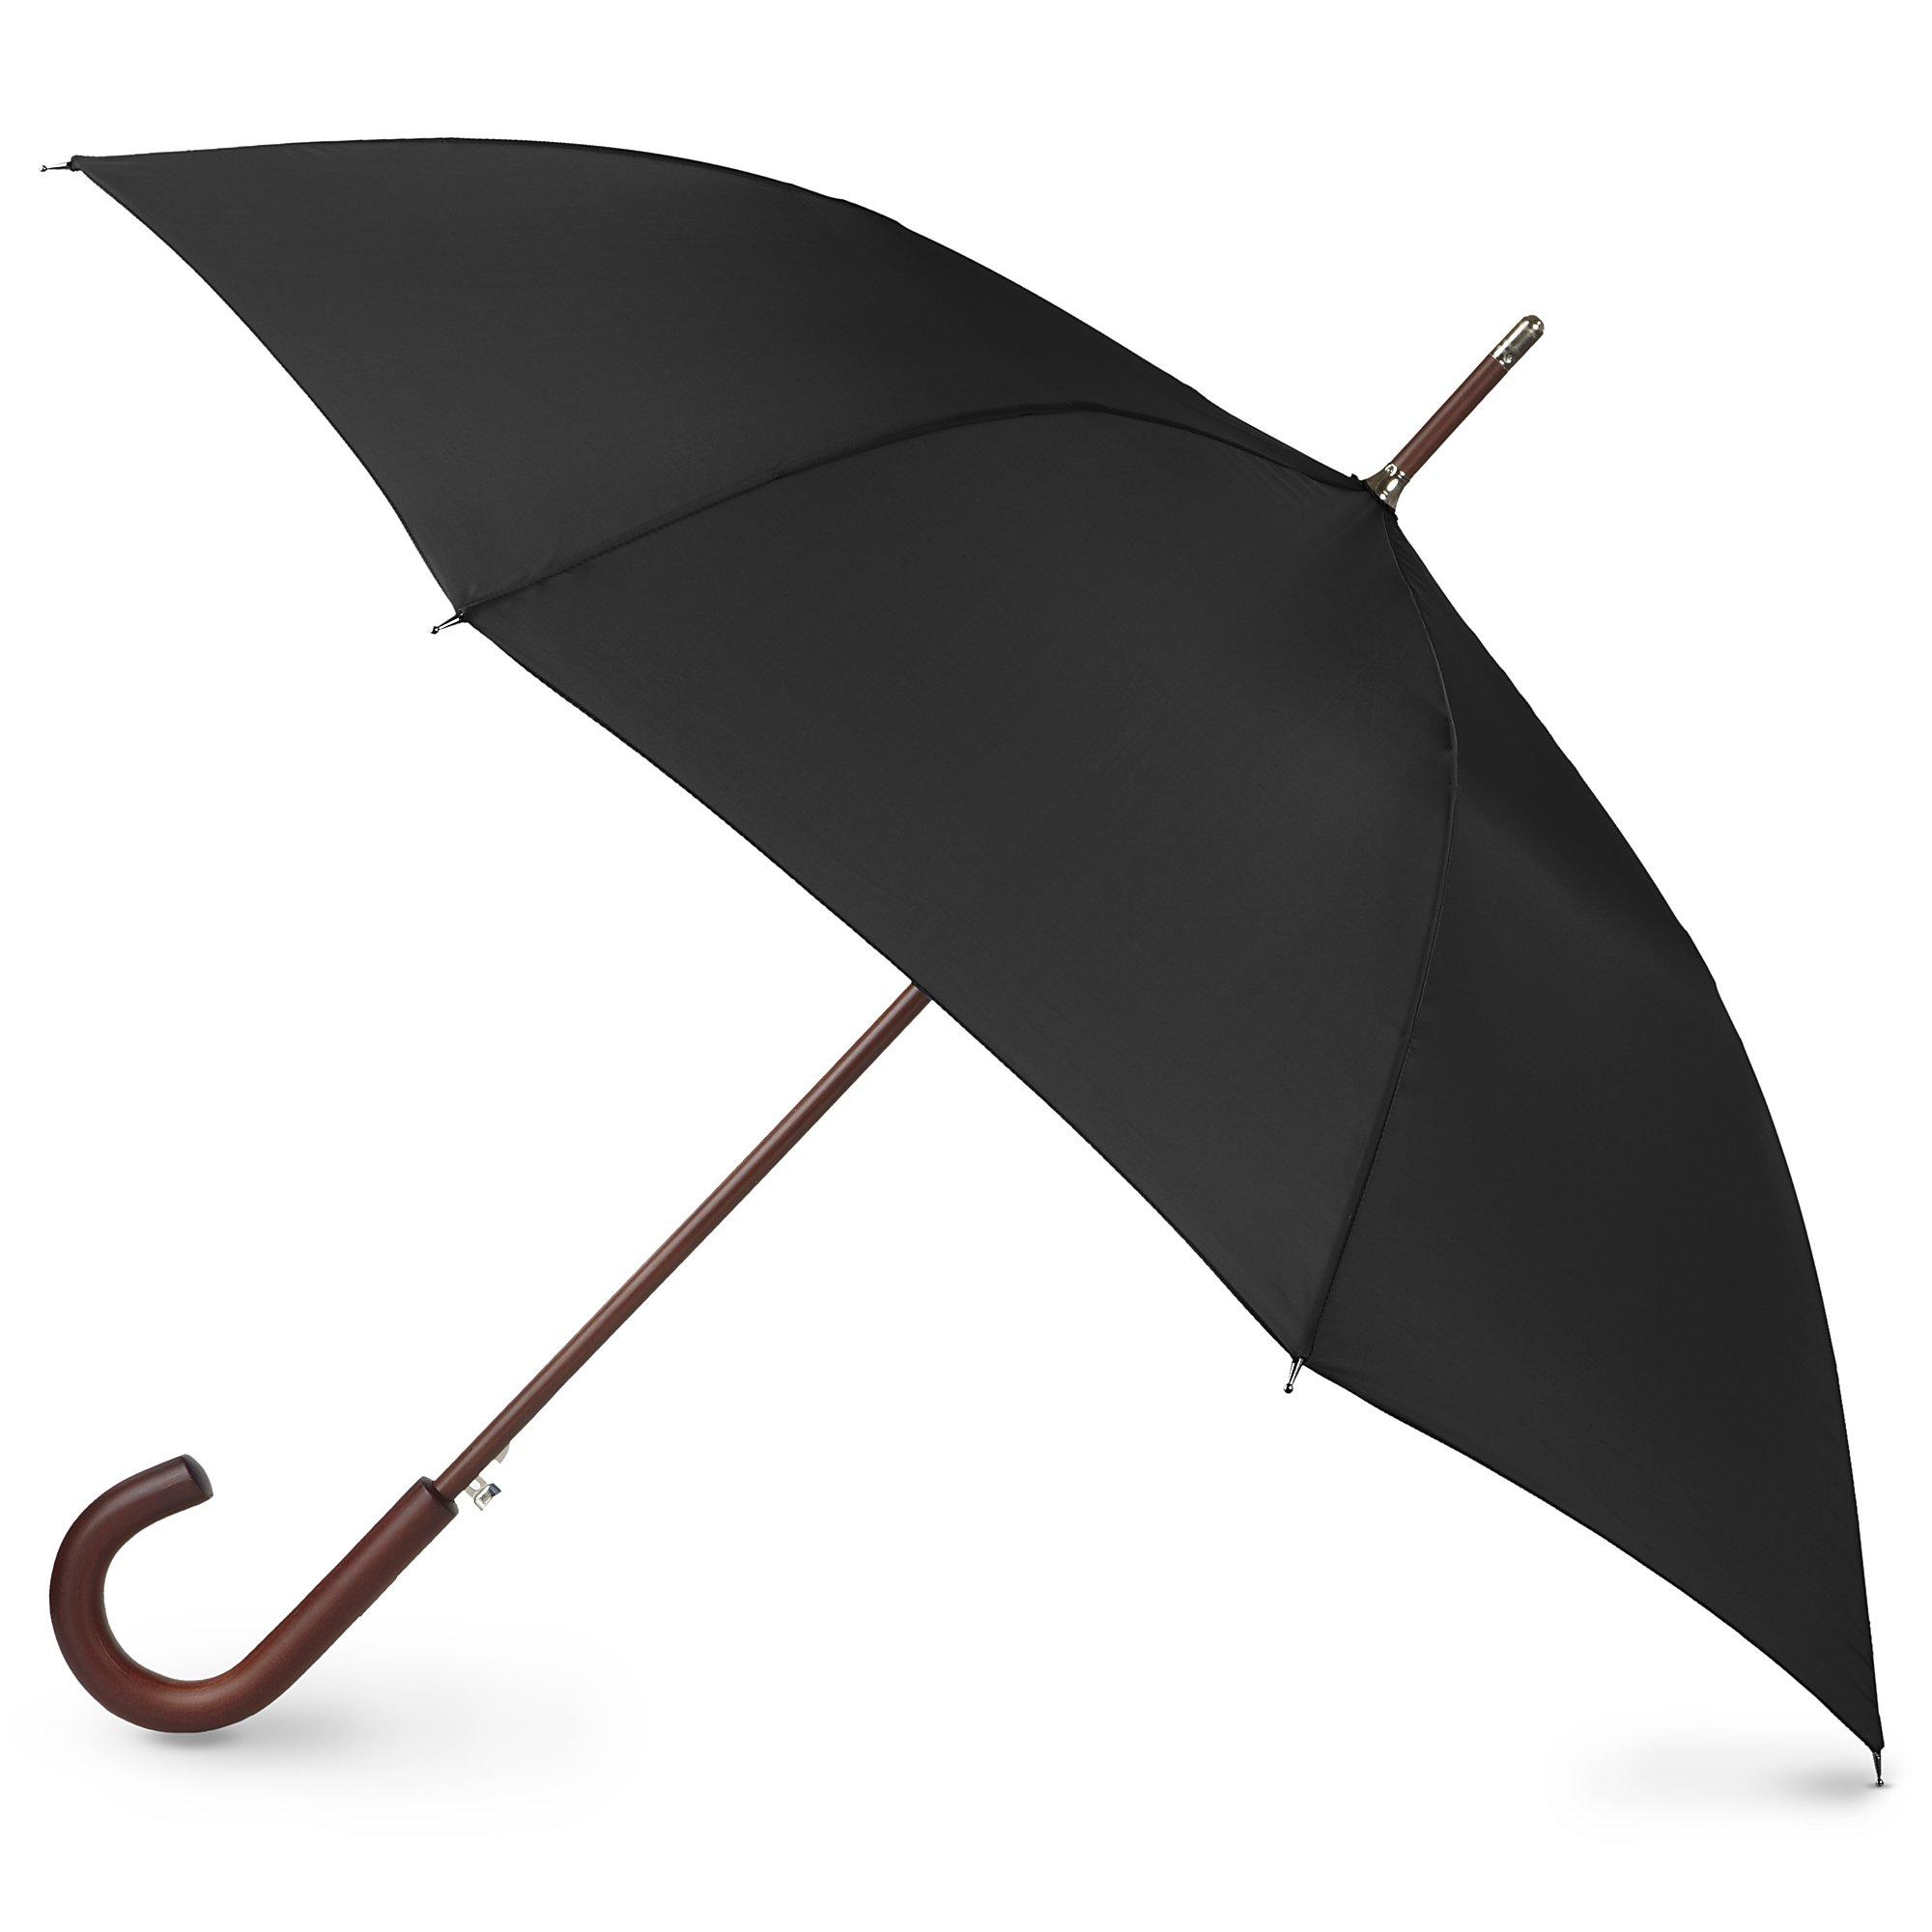 totes Totes Auto Open Wooden Handle J Stick Umbrella Umbrella, Black